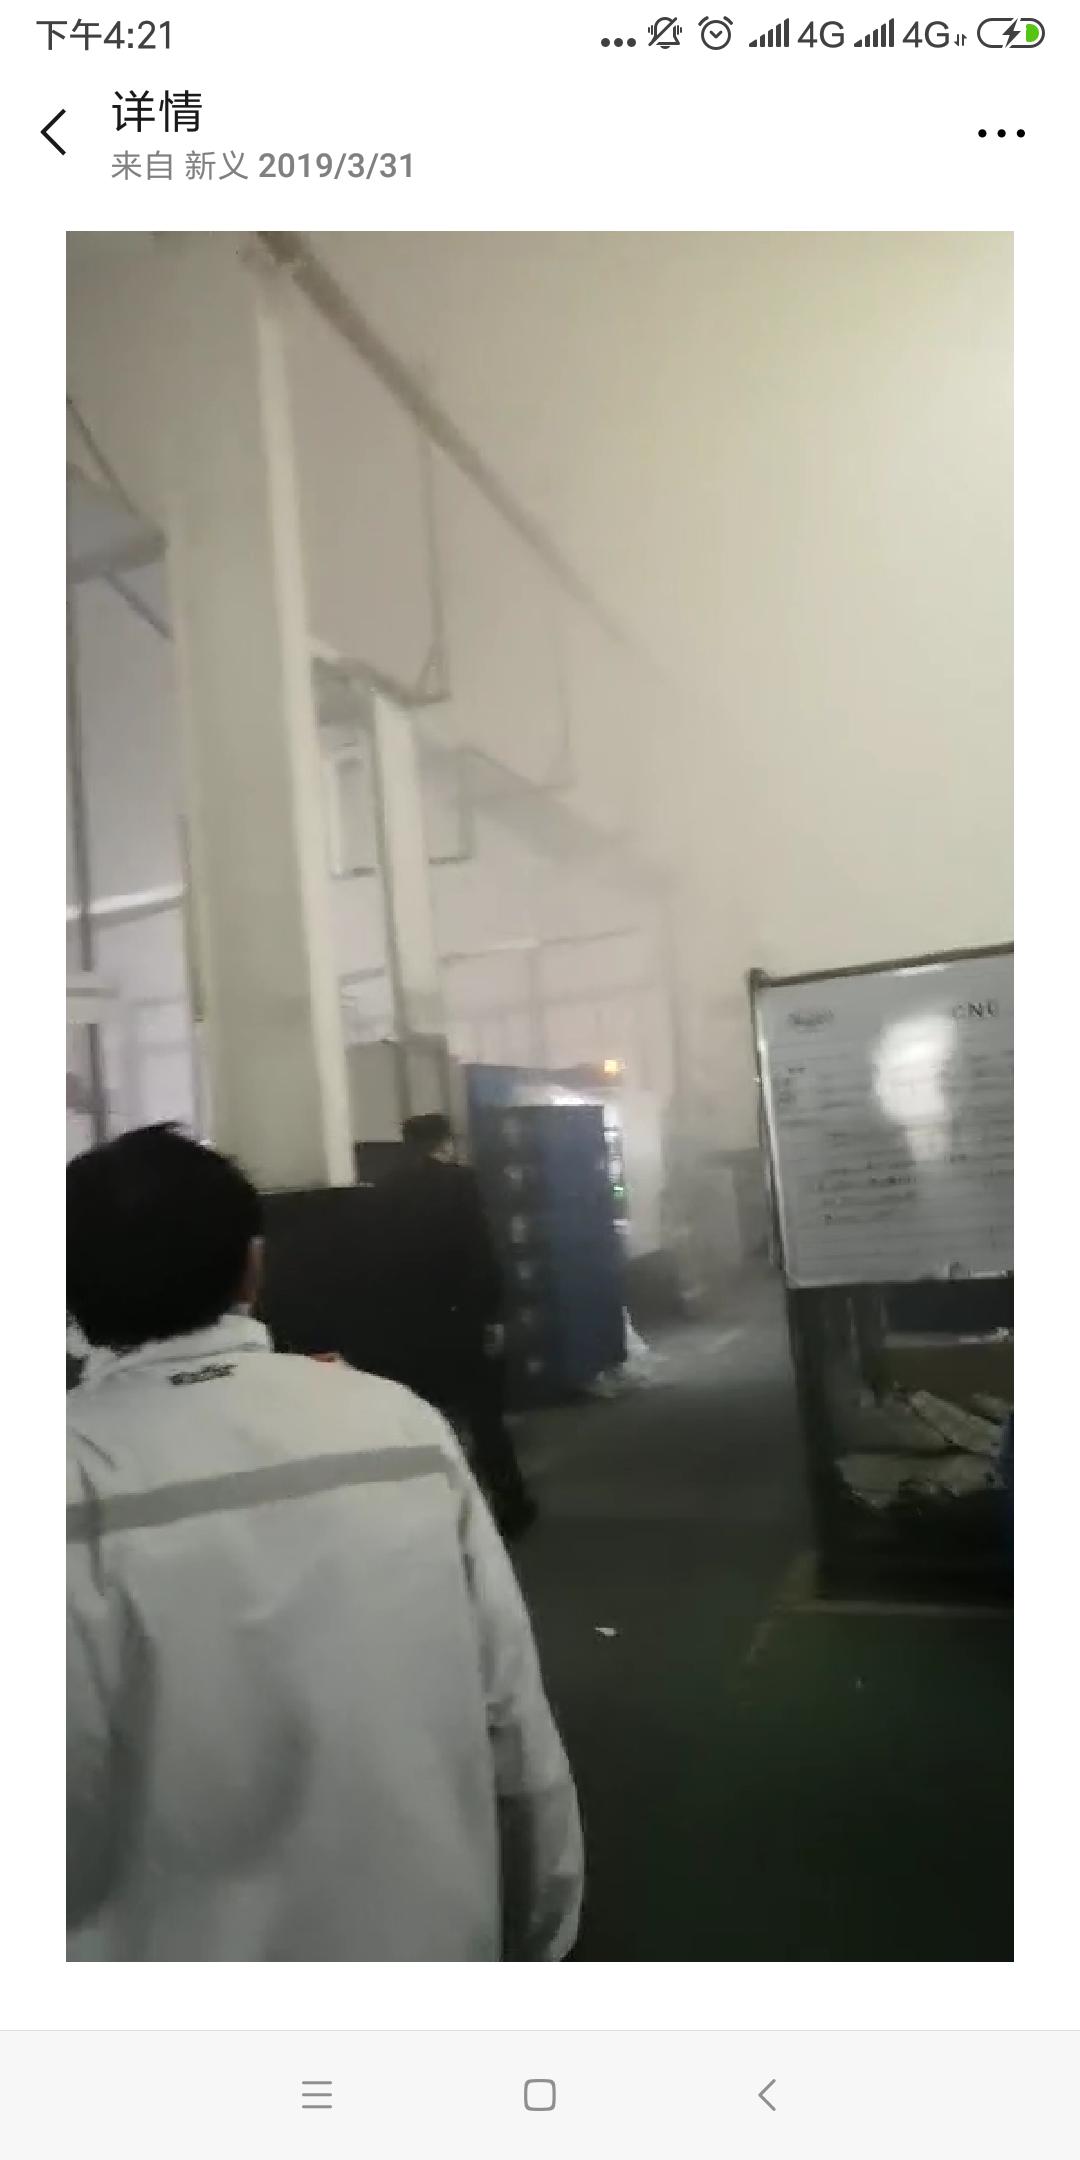 昆山爆燃事件伤者中有孕妇 员工:起爆点堆放镁废渣